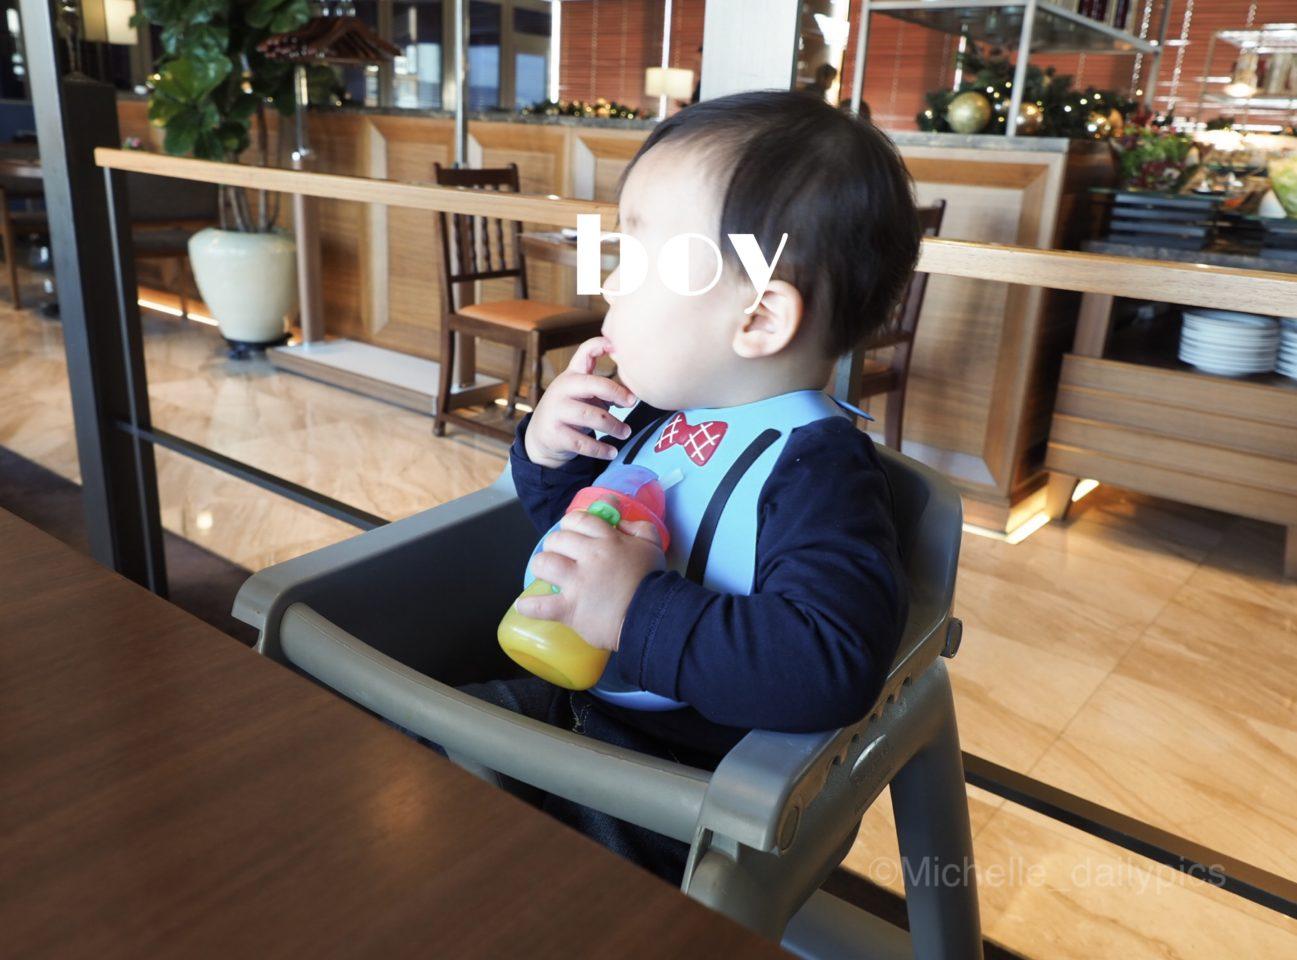 img 5424 1 - 子供と行く海外 - 韓国ソウルが赤ちゃんと一緒に楽しめる理由